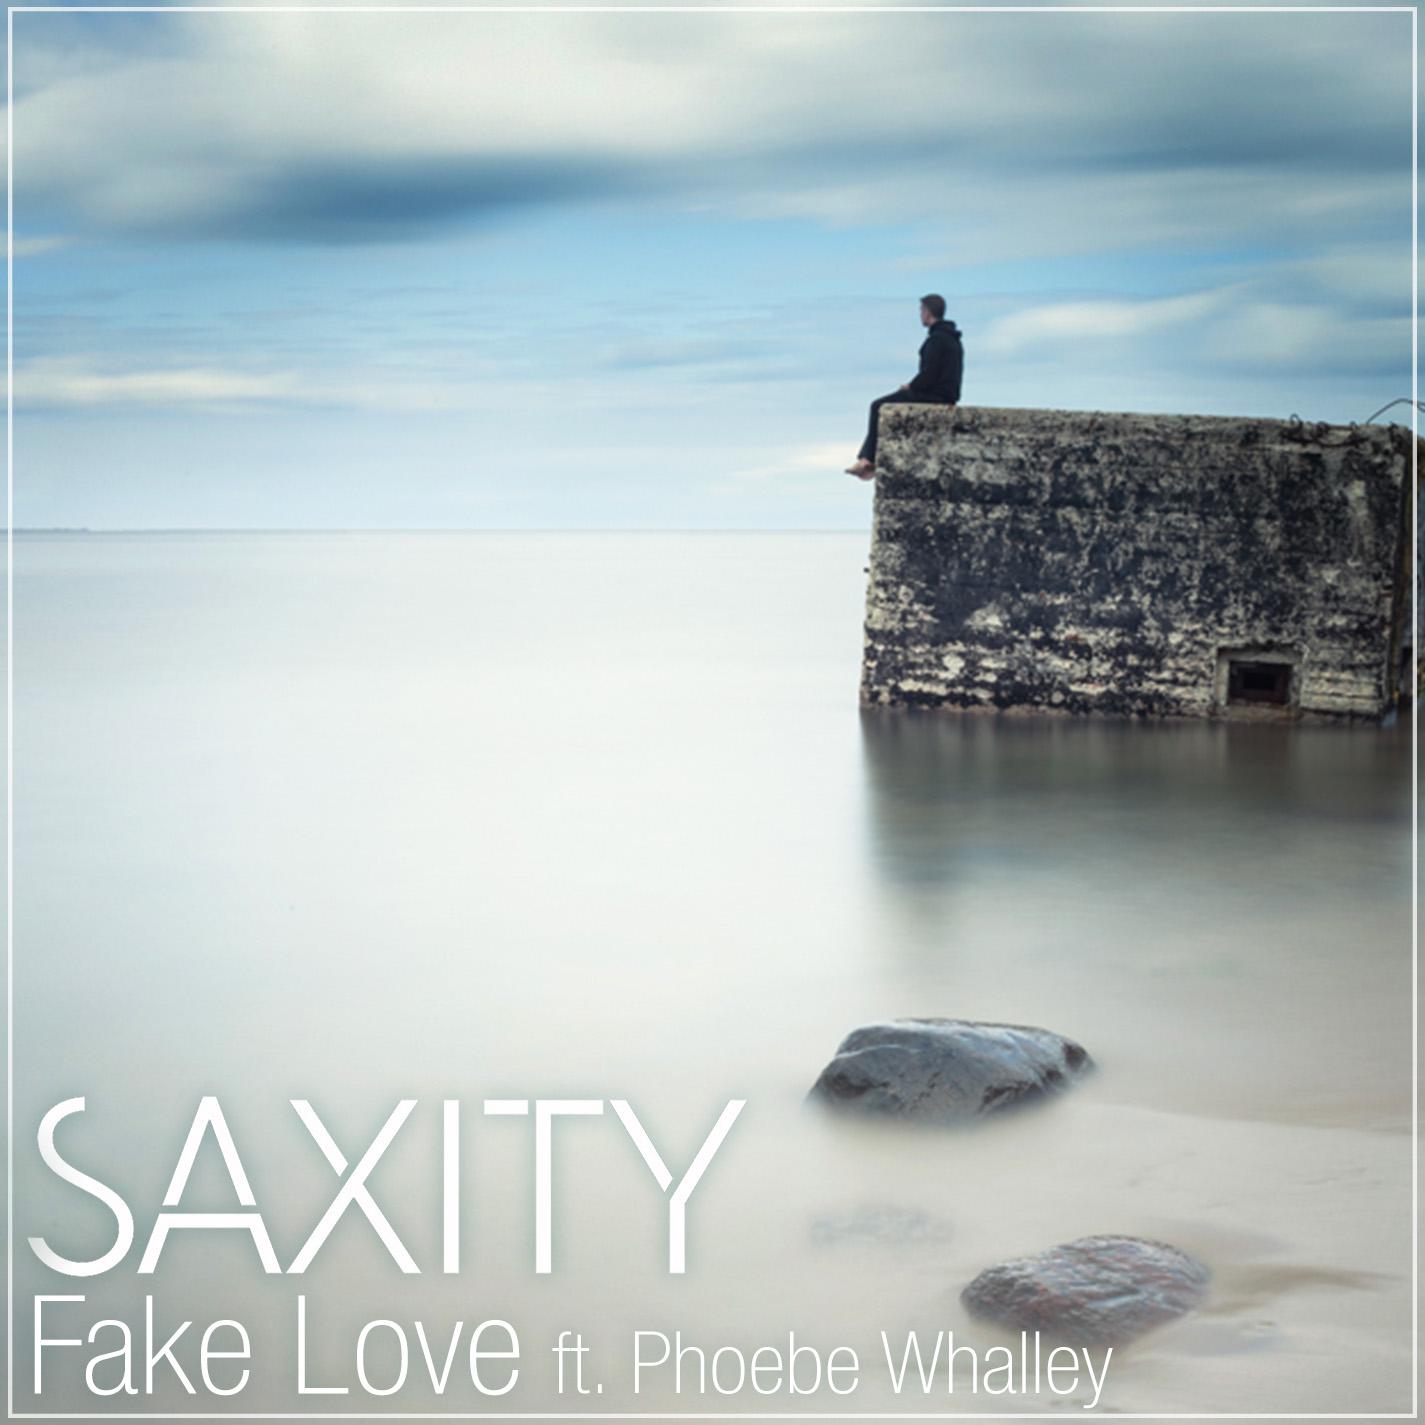 drake fake love mp3 free download